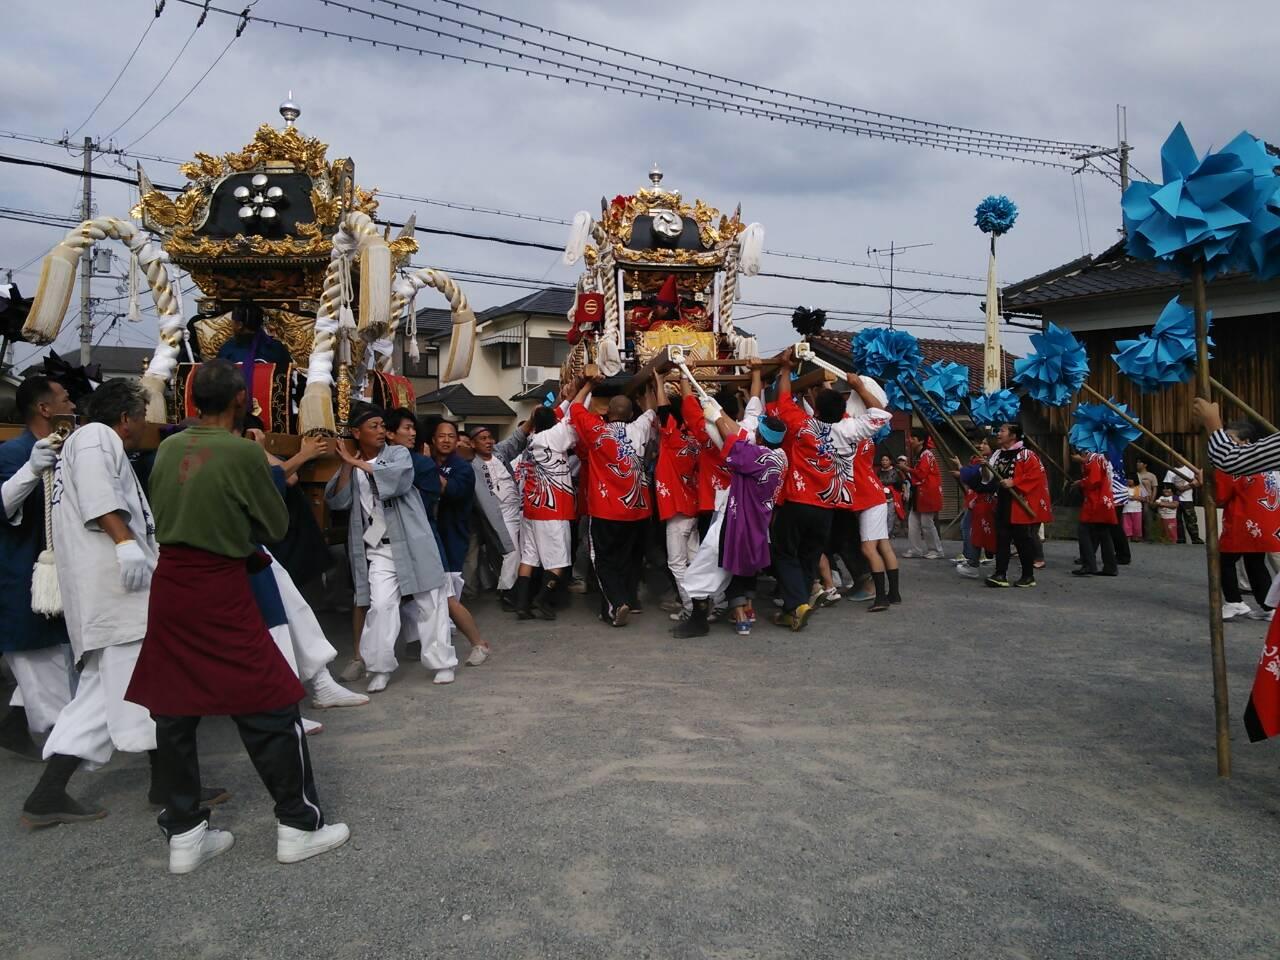 毎年恒例の姫路祭り!_e0326688_16395983.jpg